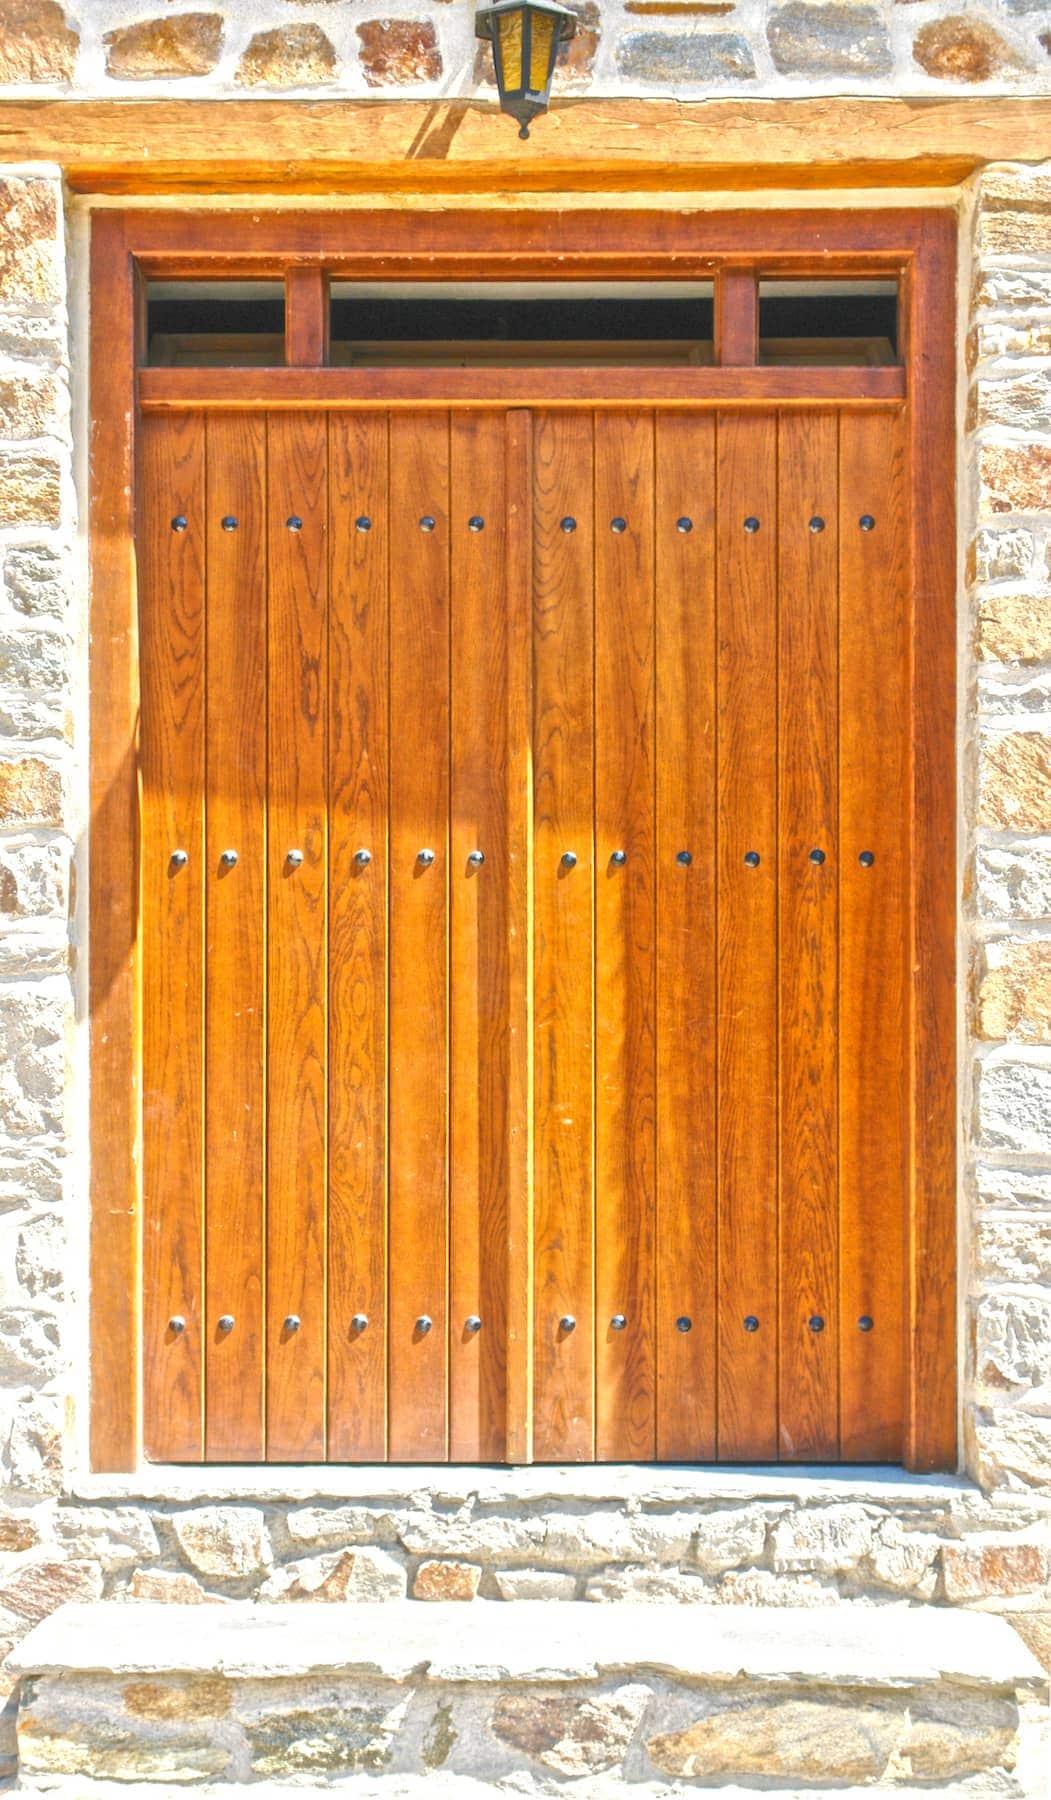 ραμποτέ ξύλινη πόρτα με φεγγίτη